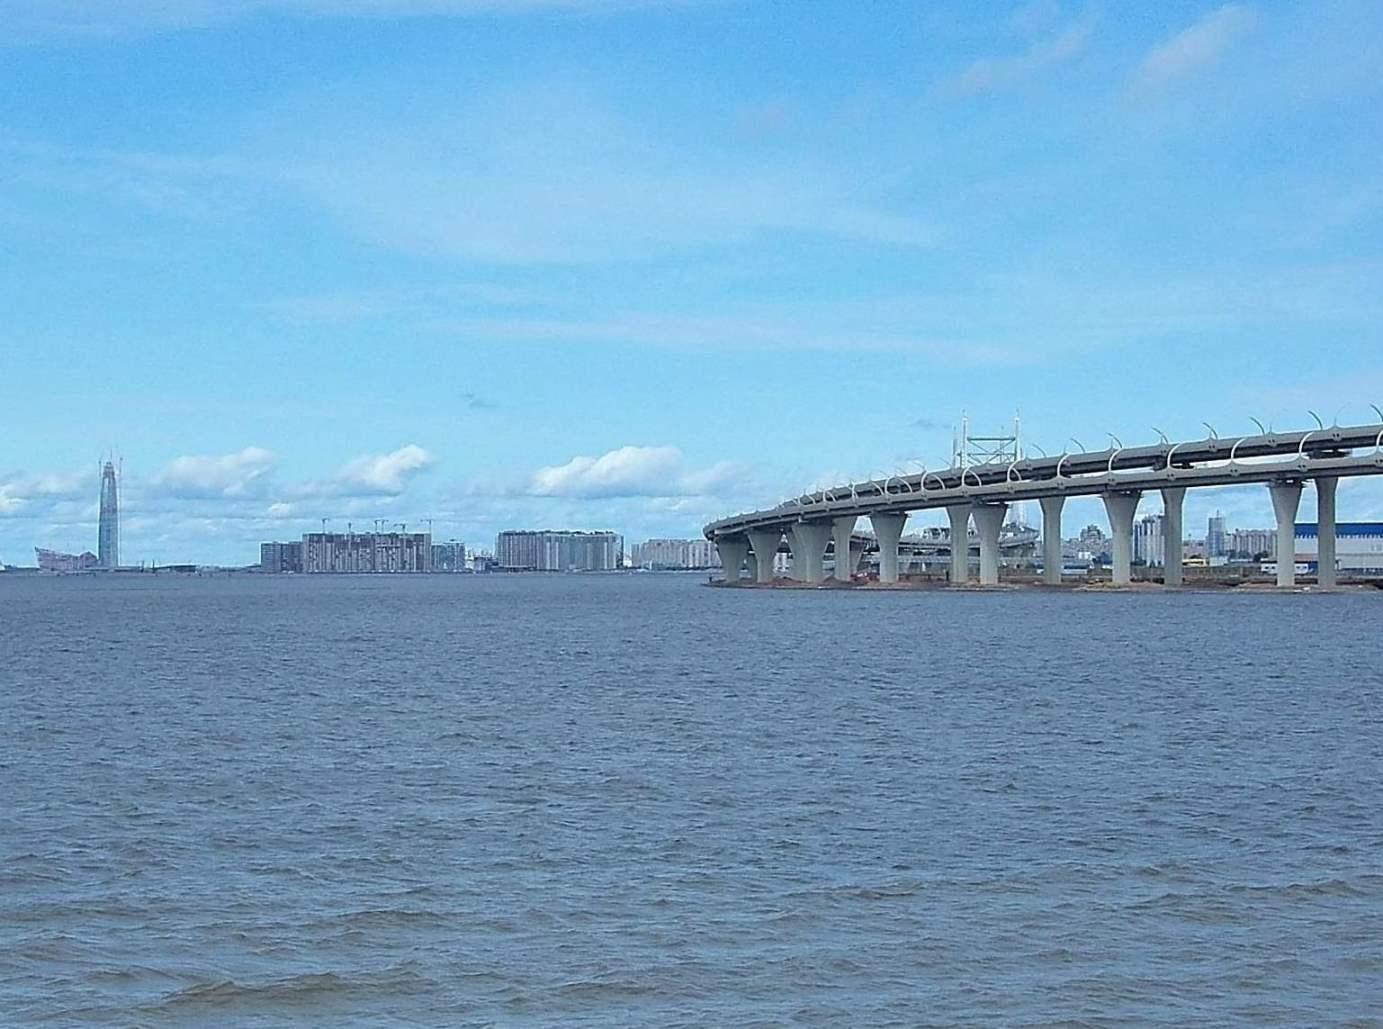 Одобрен проект строительства Широтной магистрали в Санкт-Петербурге